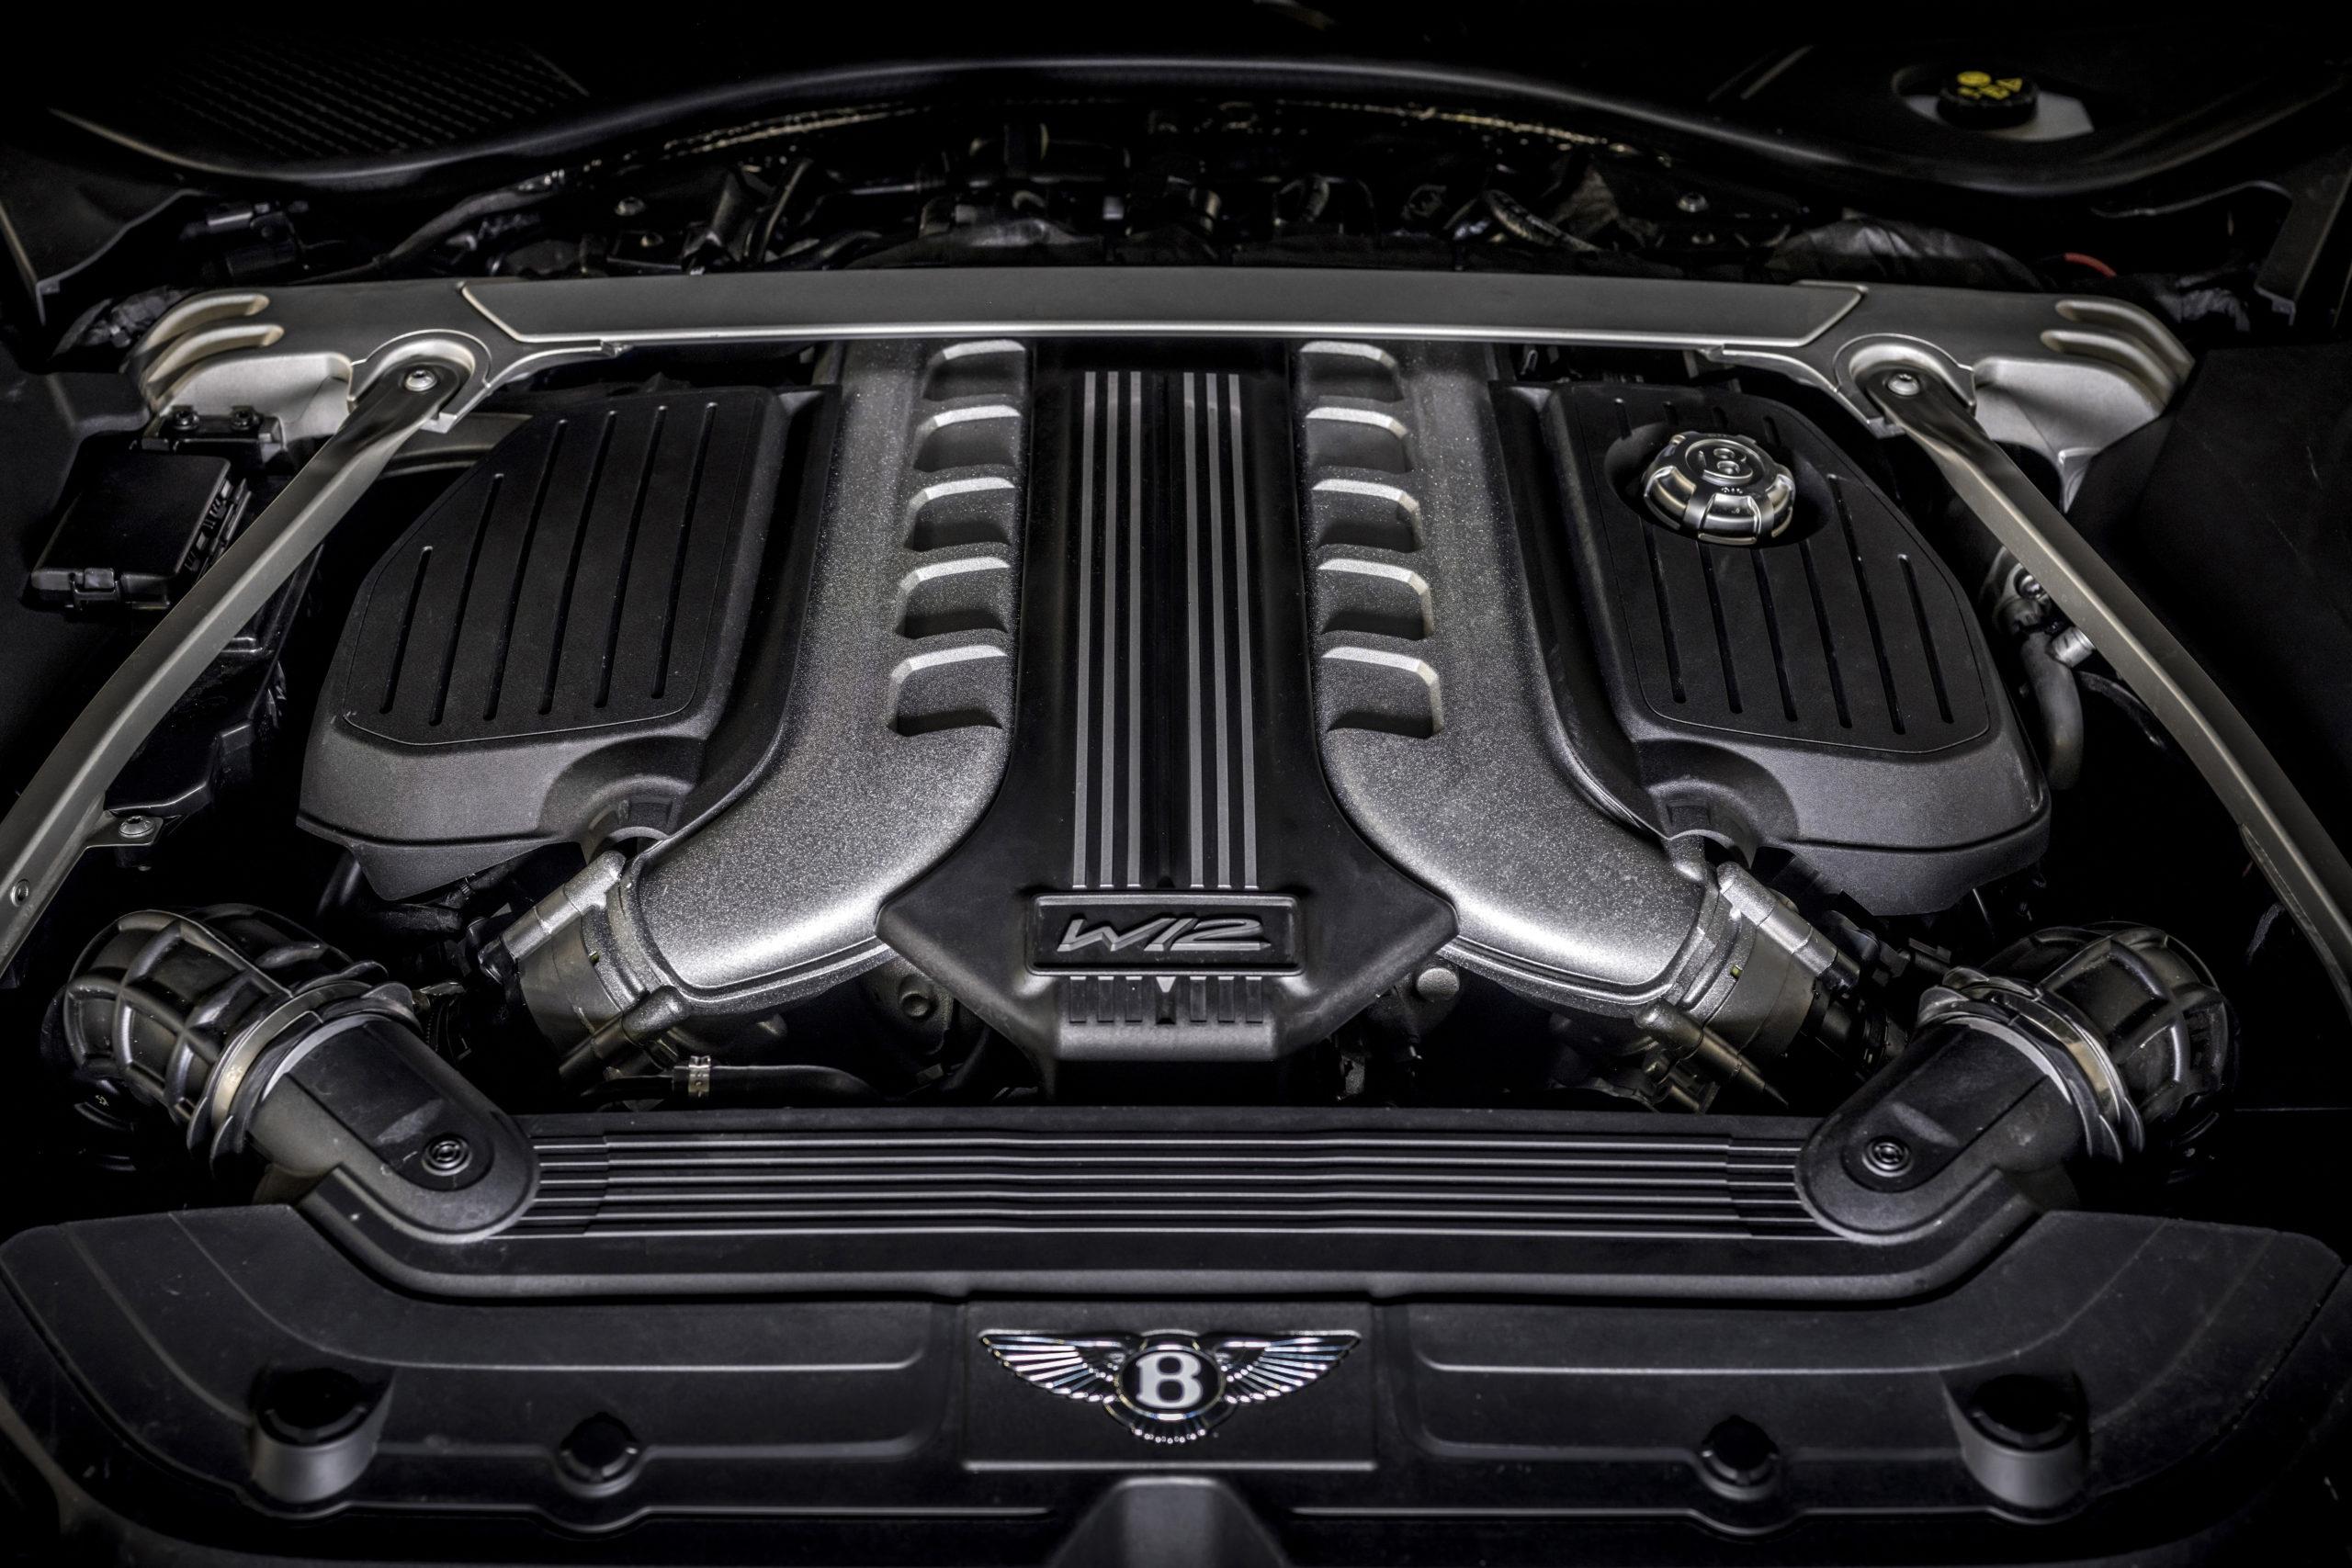 2022 Bentley Continental GT Speed 6.0L W12 engine